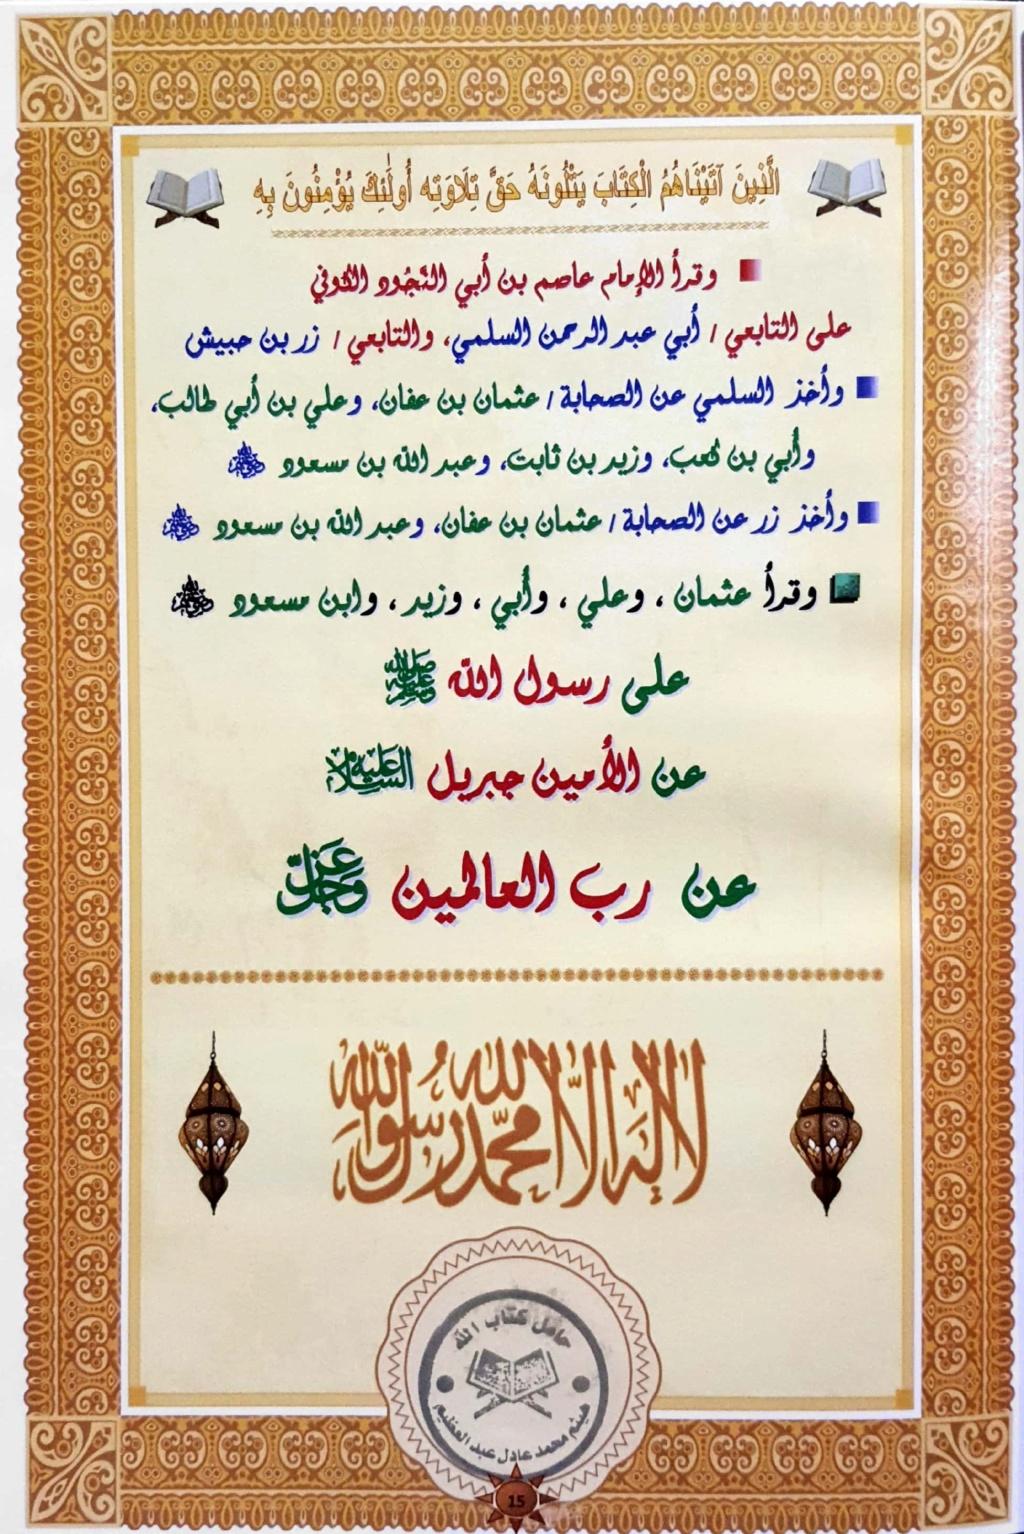 إجازة الشيخ أحمد محمد لبن بقراءة الإمام عاصم  Aeo_aa29